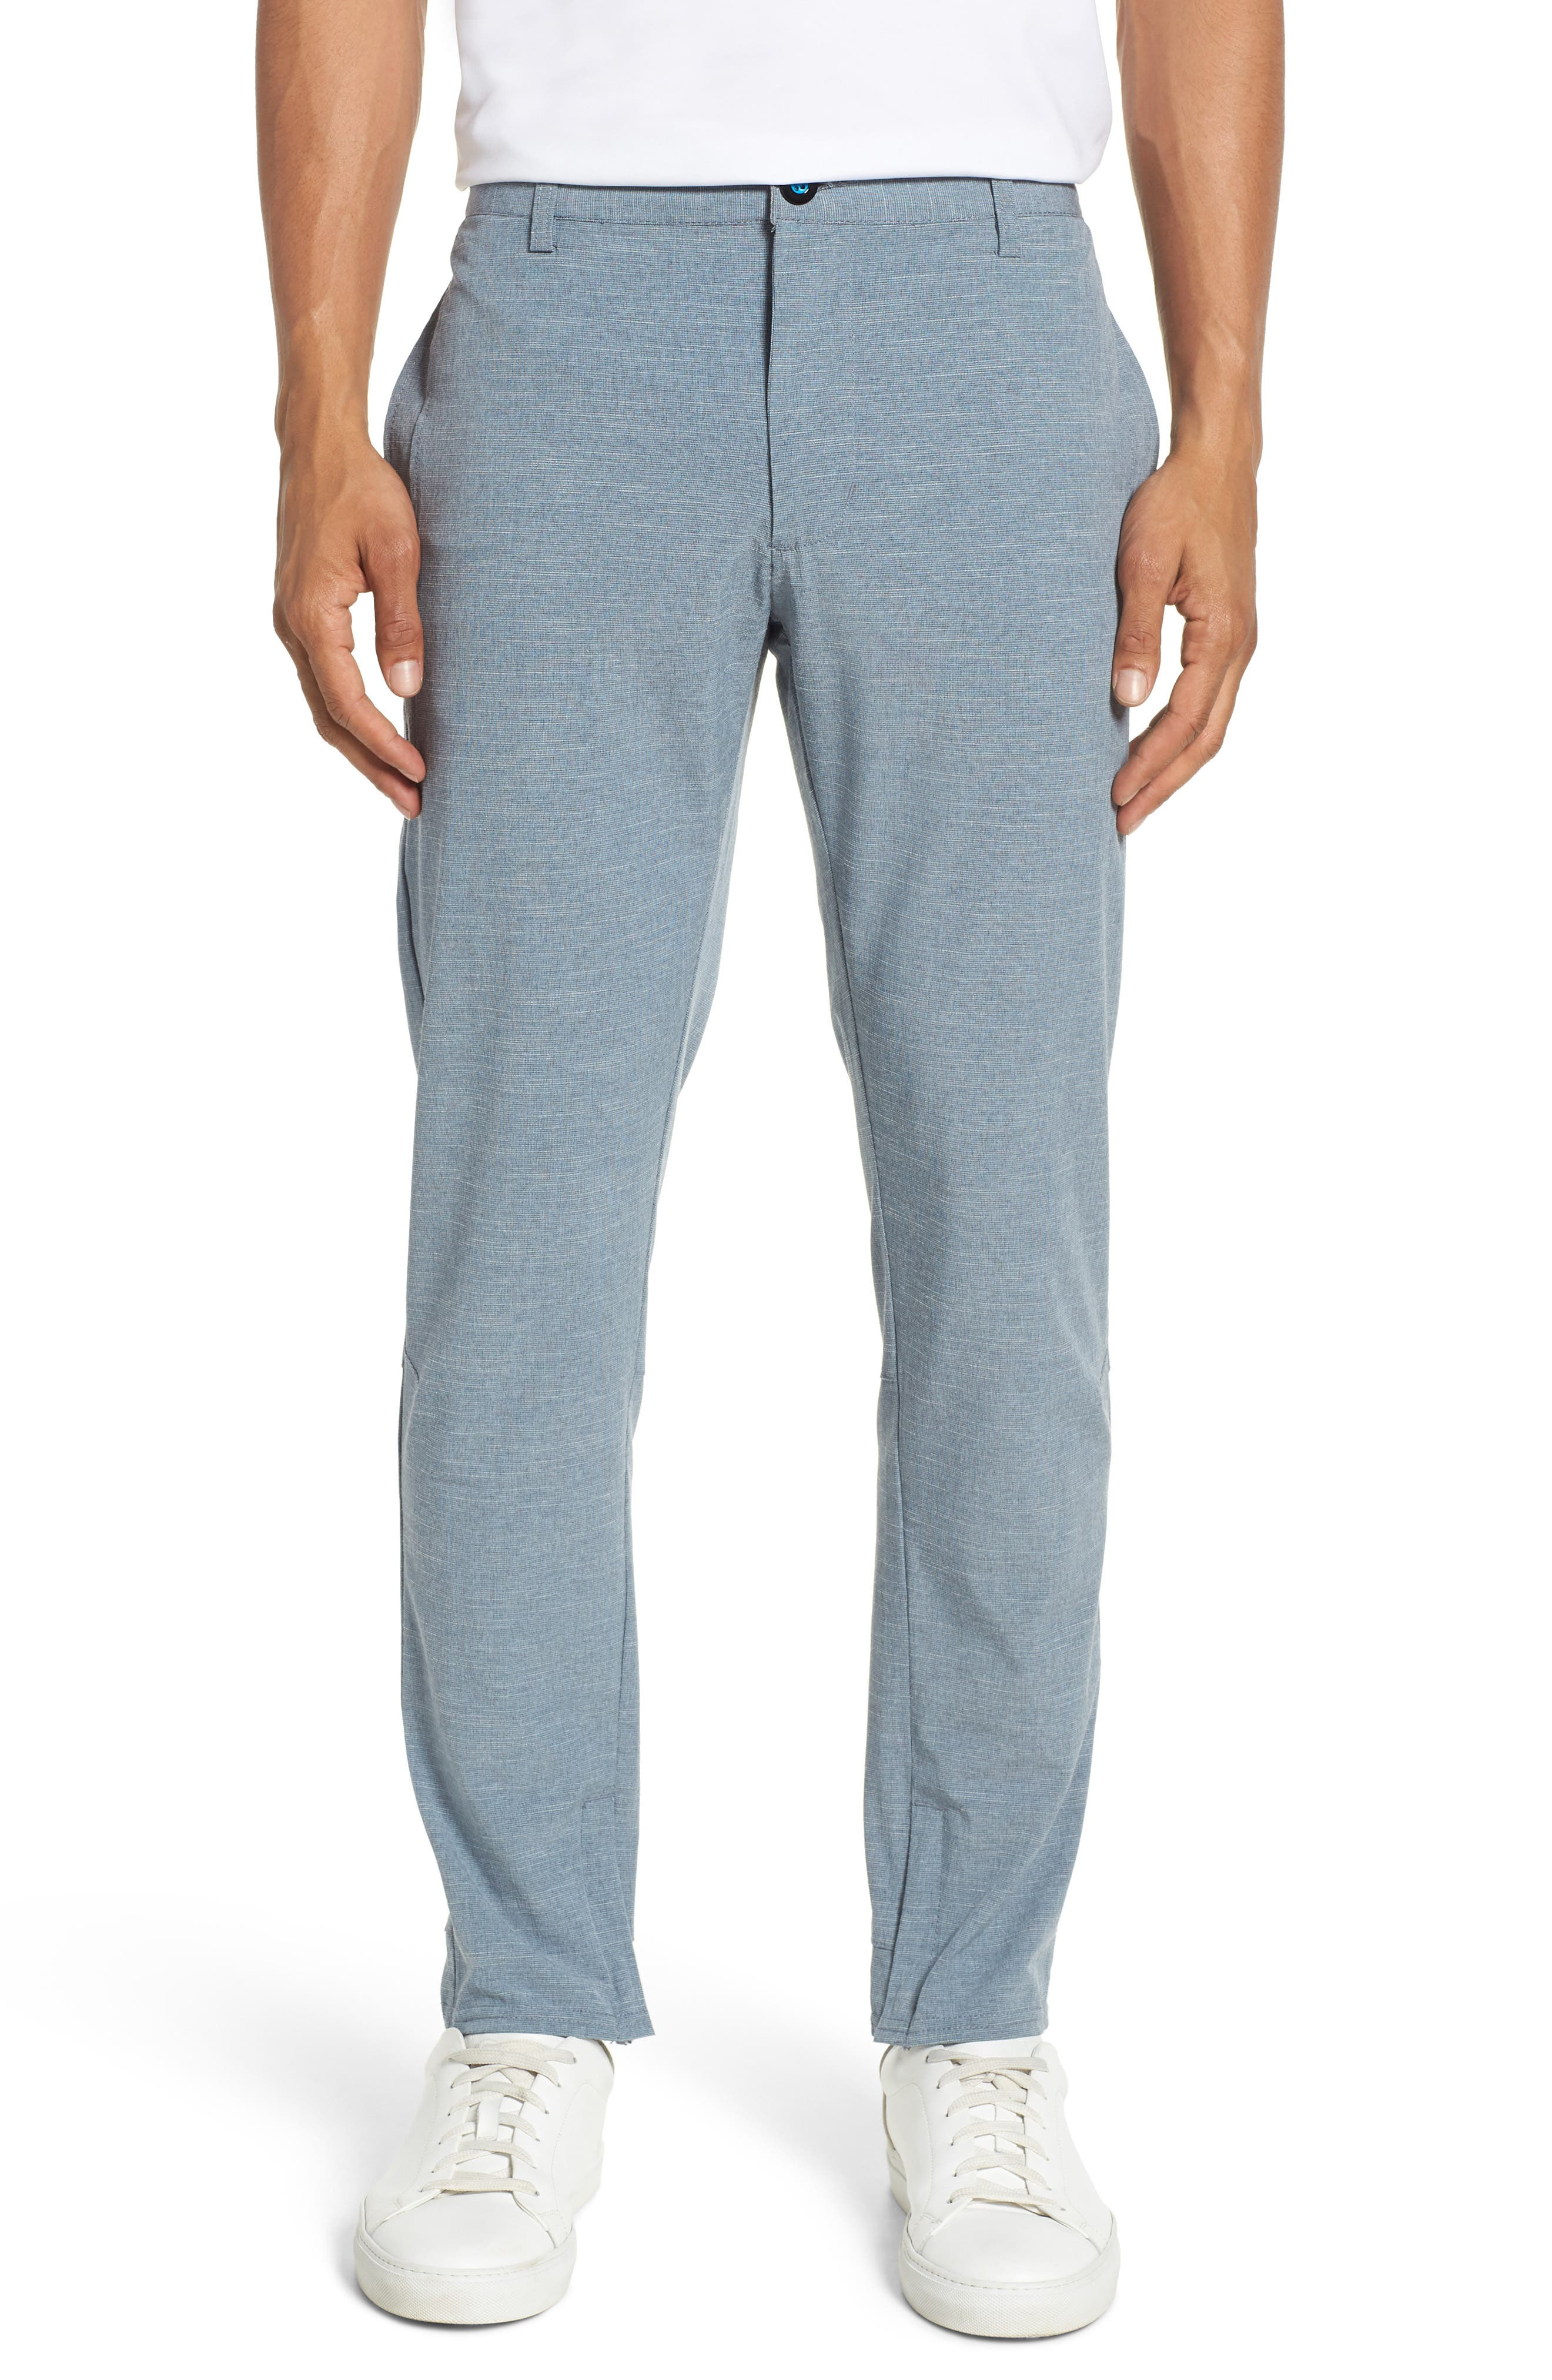 Devereux Gravity Athletic Fit Pants